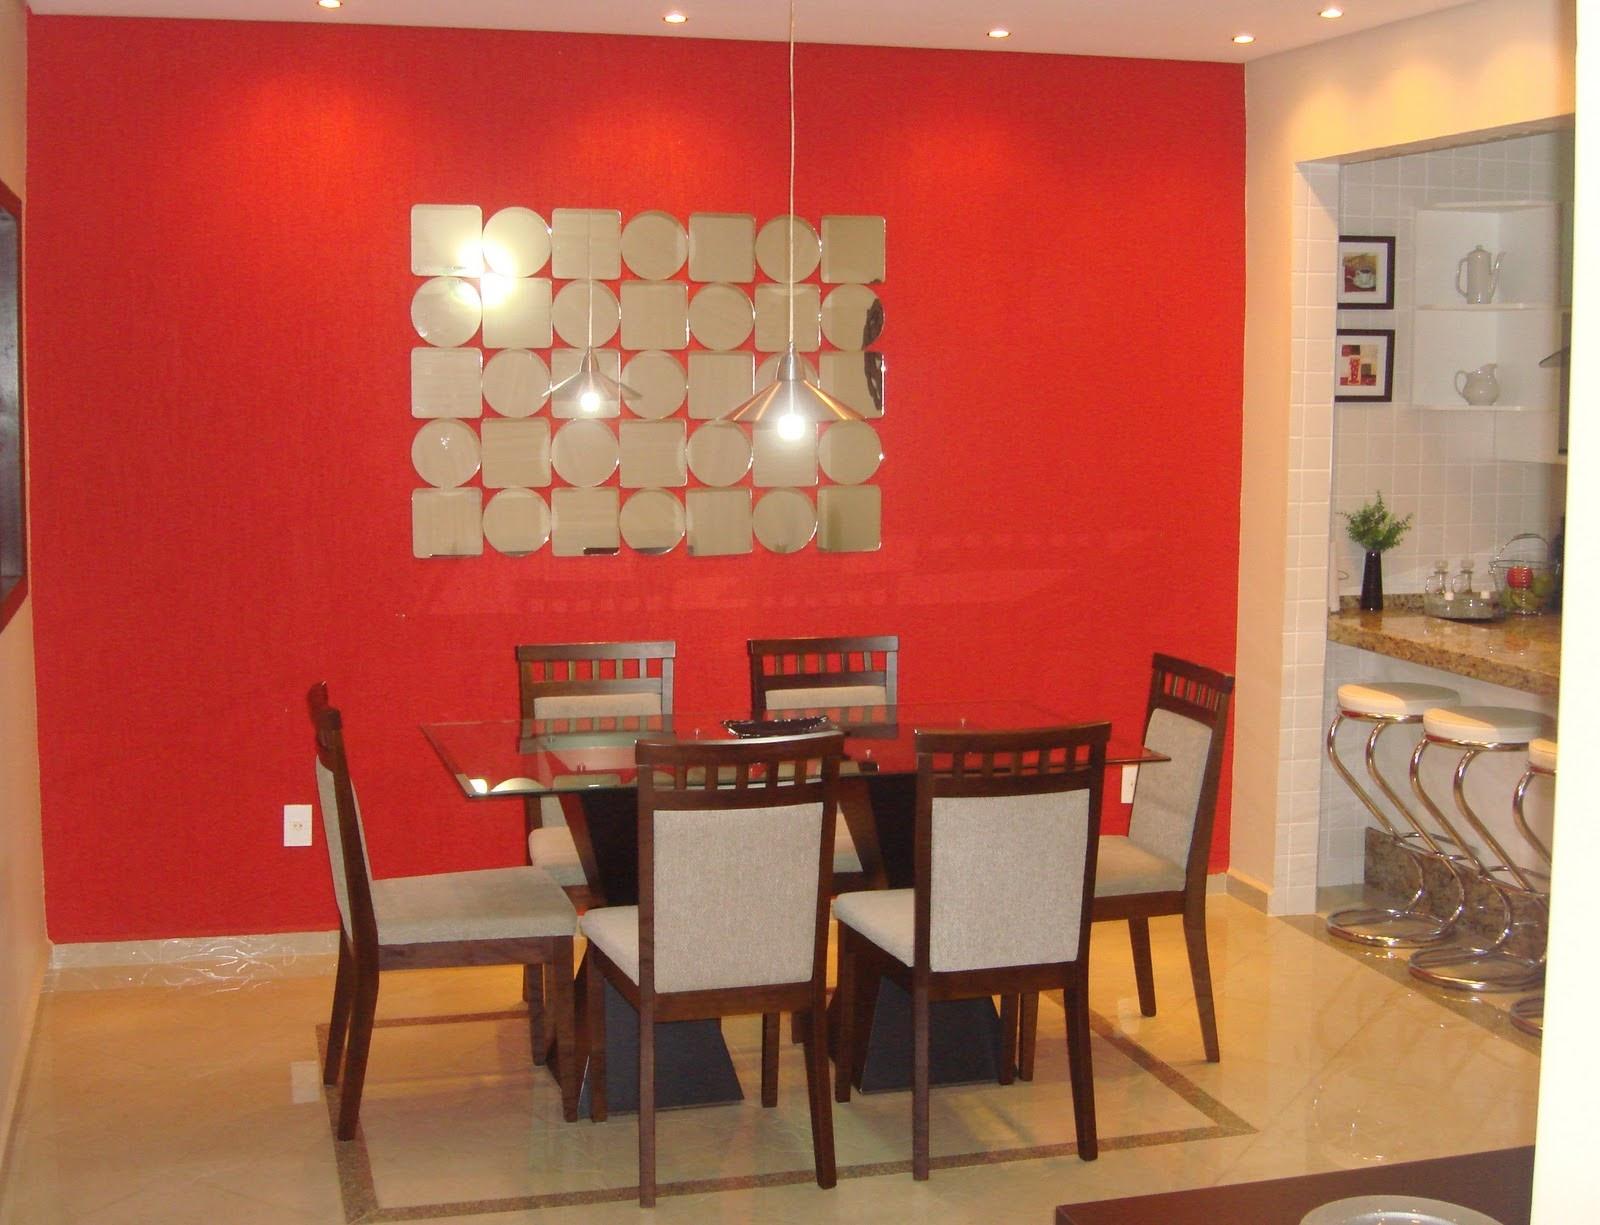 #AB2620 Paredes vermelhas! Jeito de Casa Blog de Decoração 1600x1225 píxeis em Decoração De Sala De Jantar Com Parede Cinza